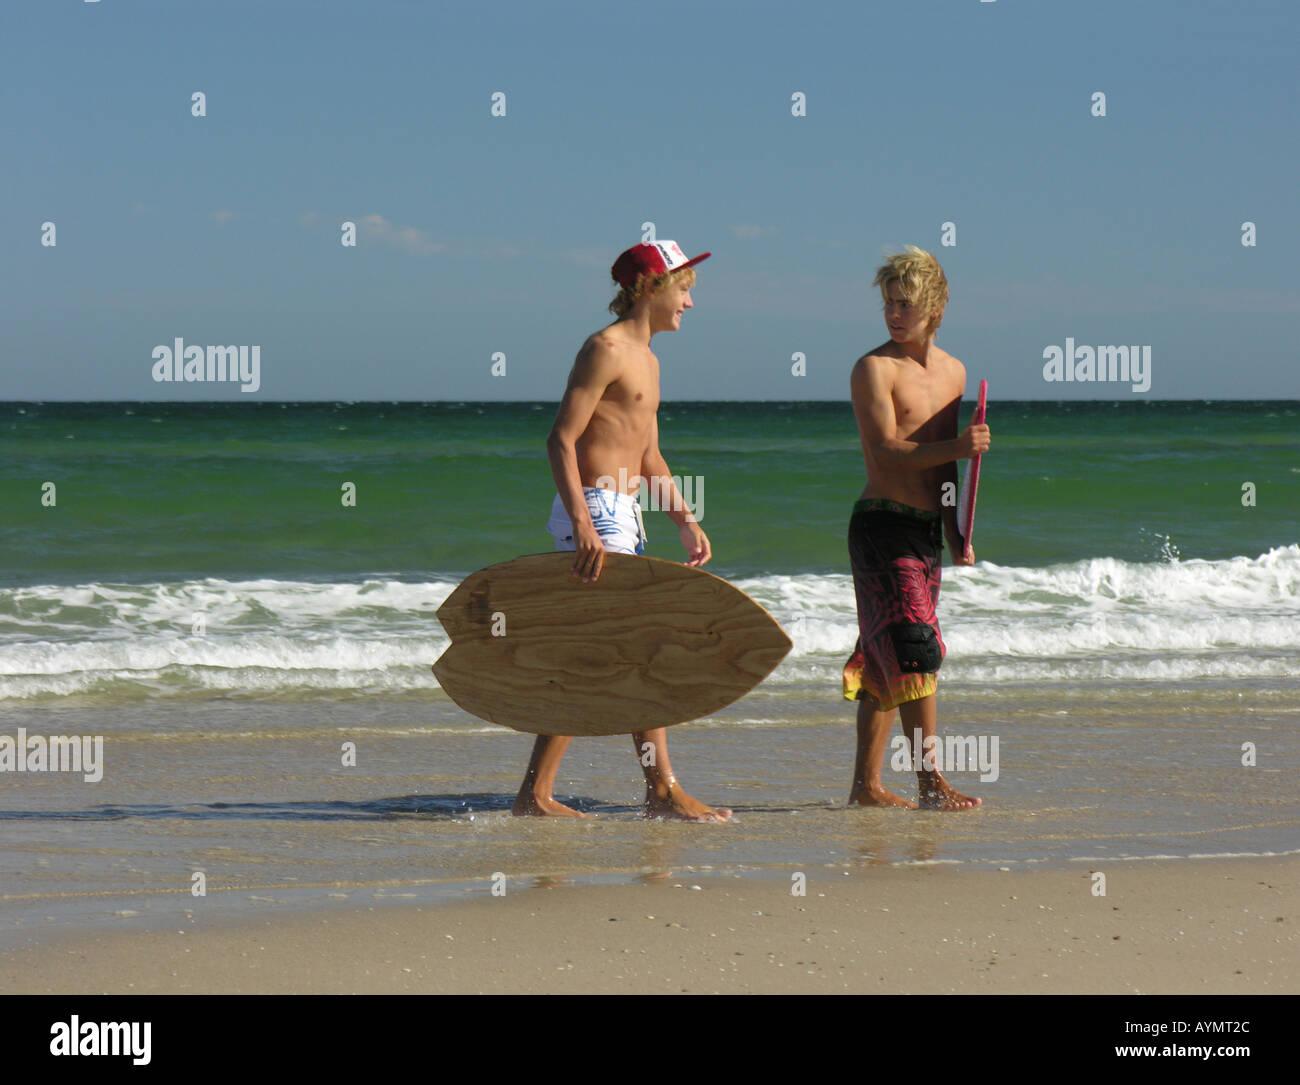 nackt teen boys am strand